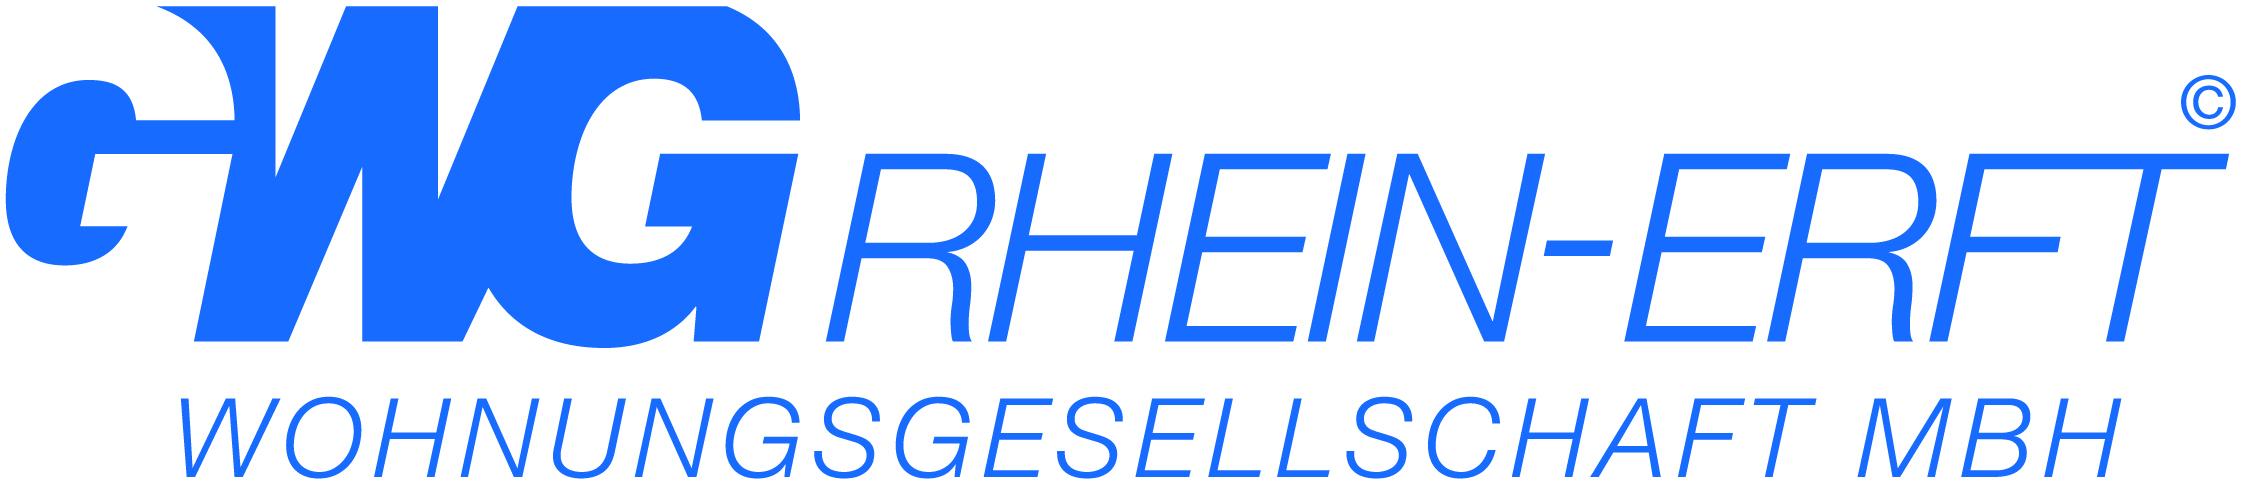 GWG Wohnungsgesellschaft Rhein-Erft